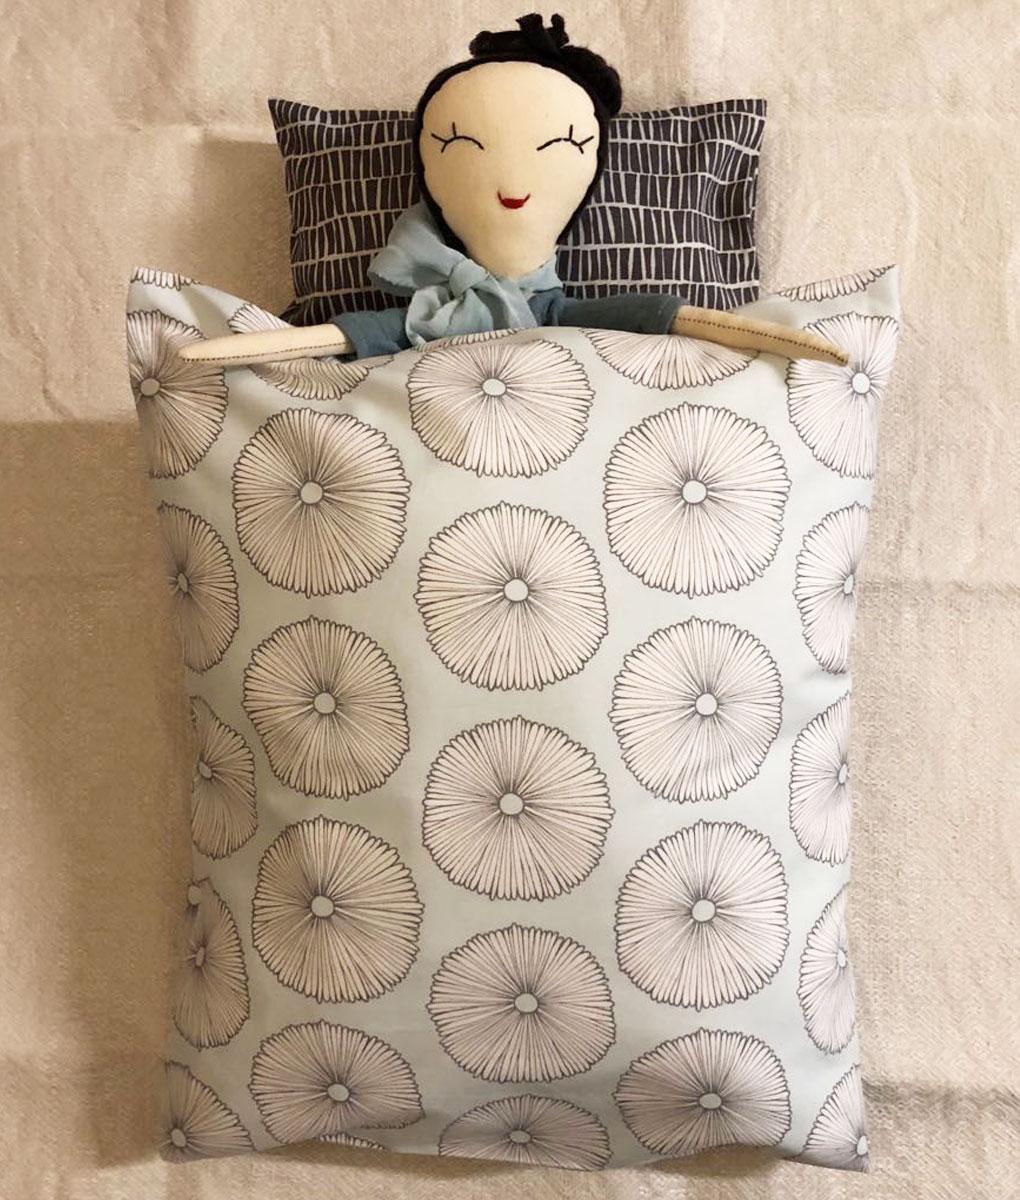 Puppenbettwäsche VARIATION von When is Now auf www.mina-lola.com